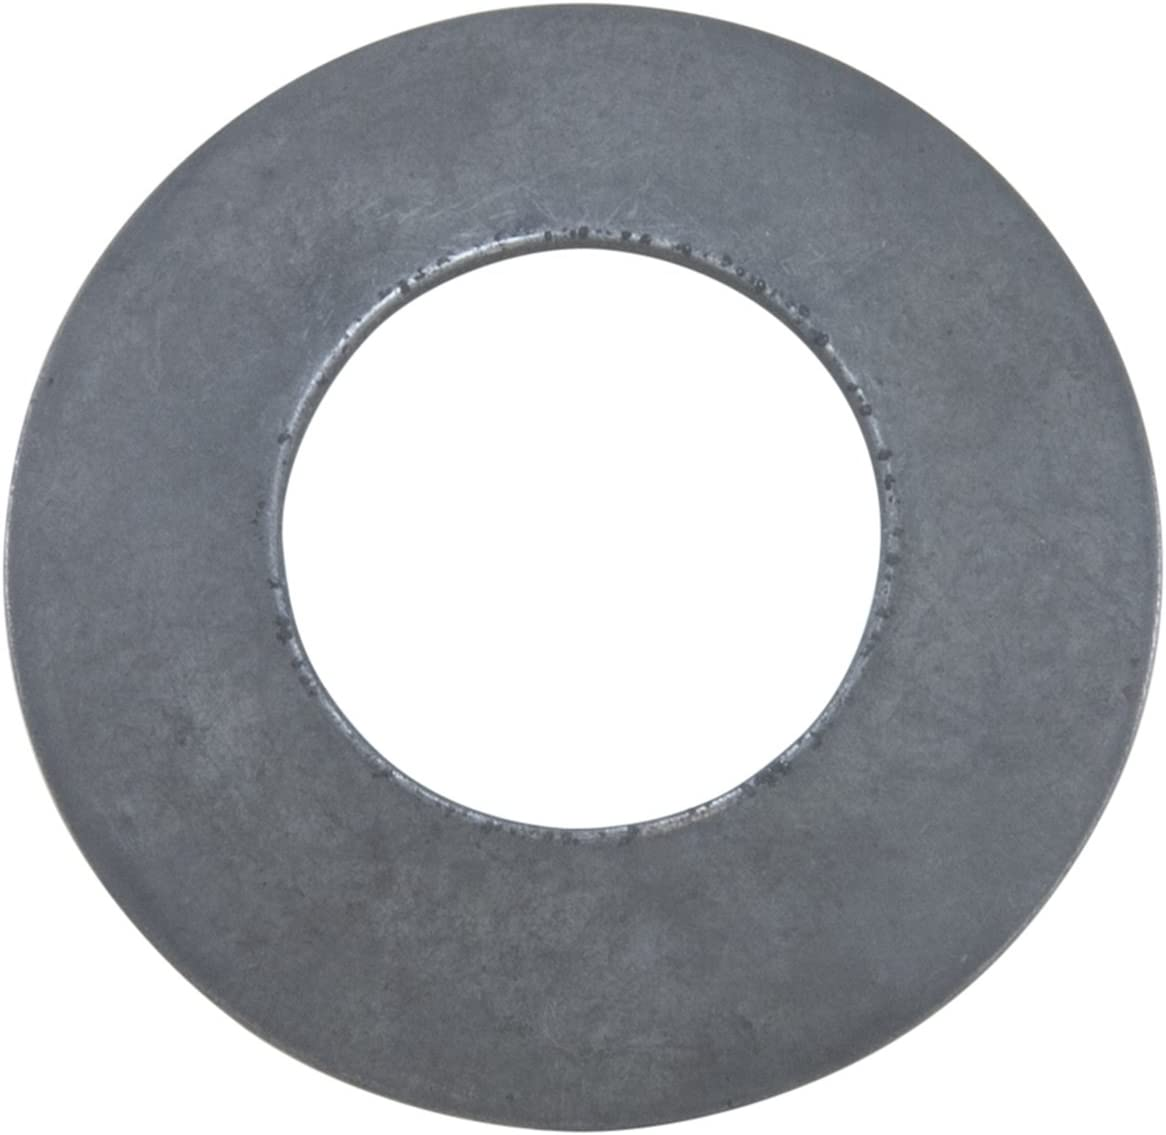 Yukon Gear /& Axle Trac Loc Pinion Gear Thrust Washer for Ford 10.25 Differential YSPTW-020